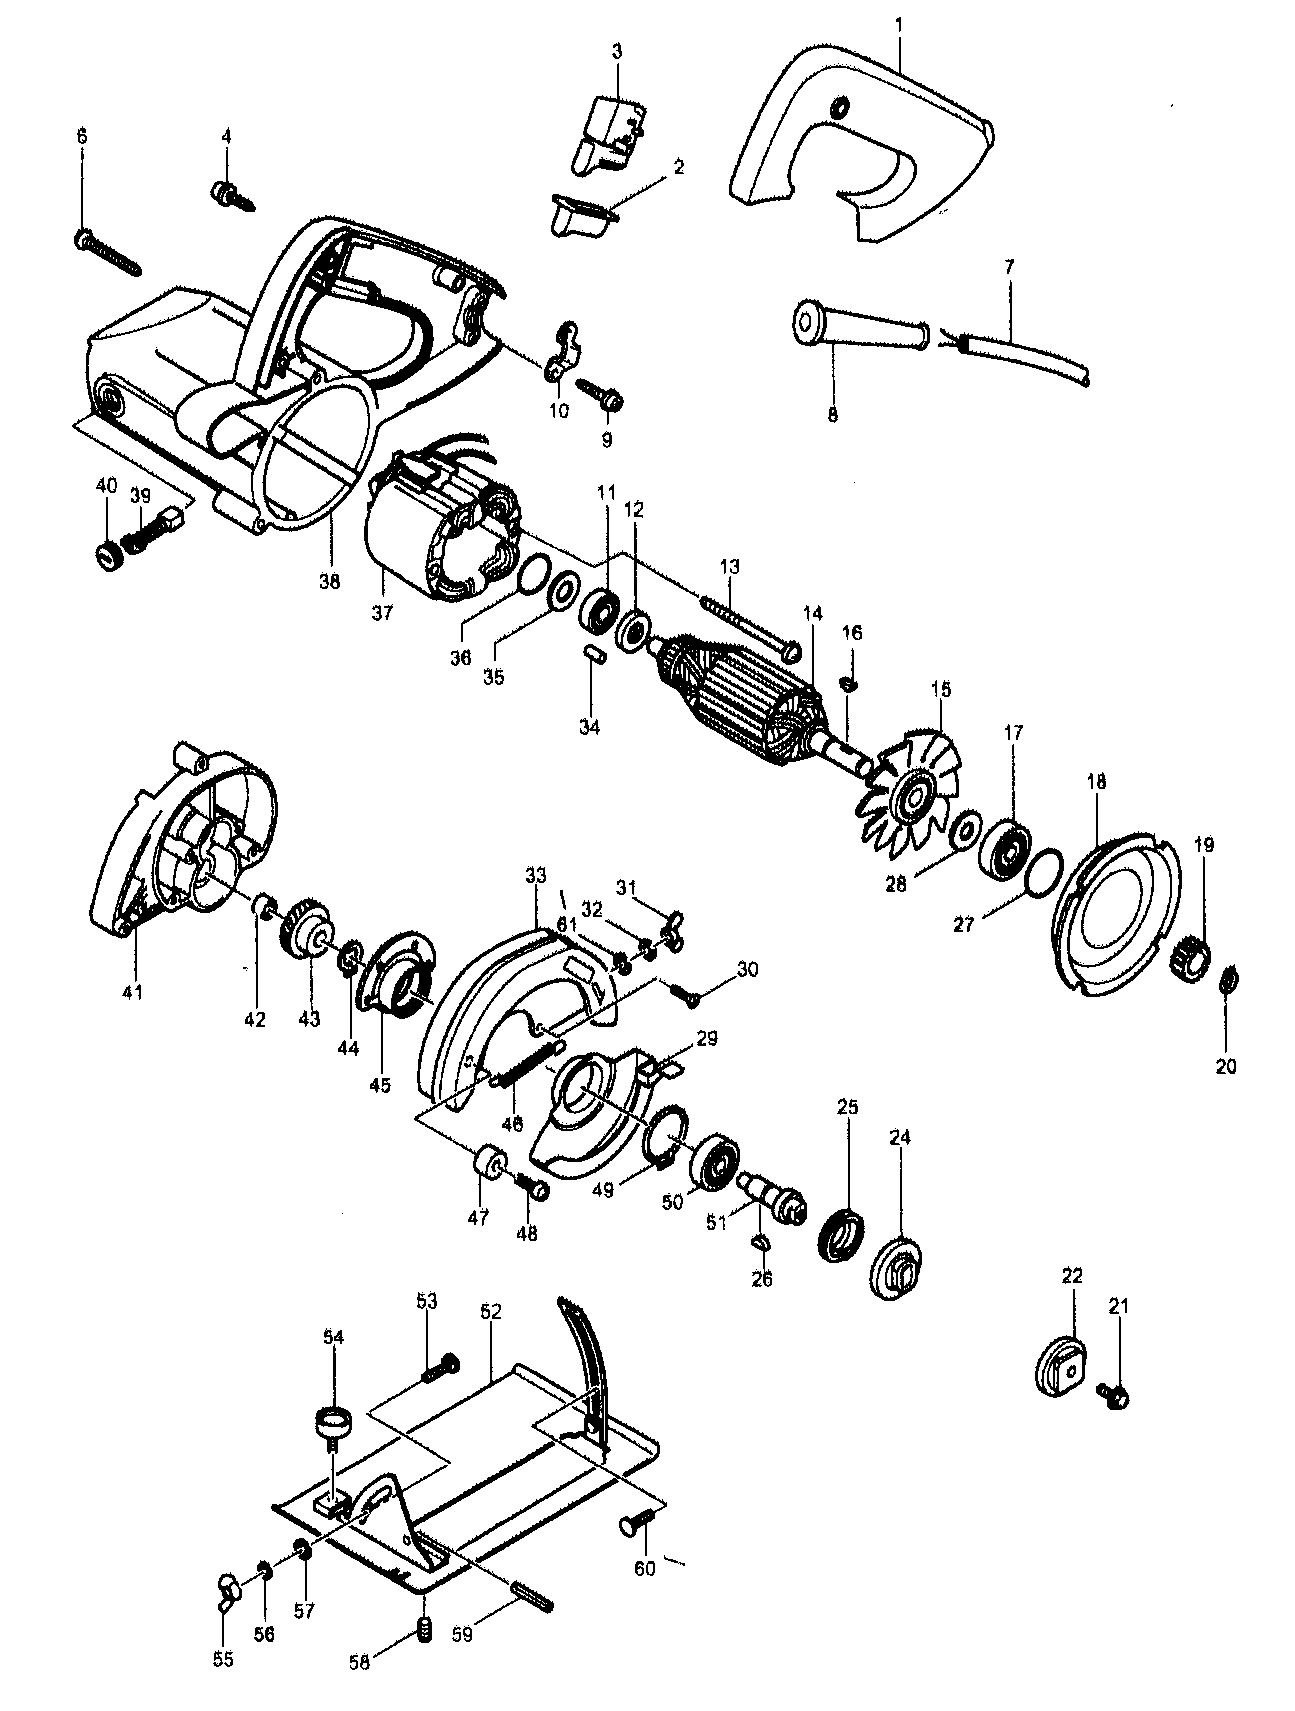 Makita model 4200NH circular saw genuine parts